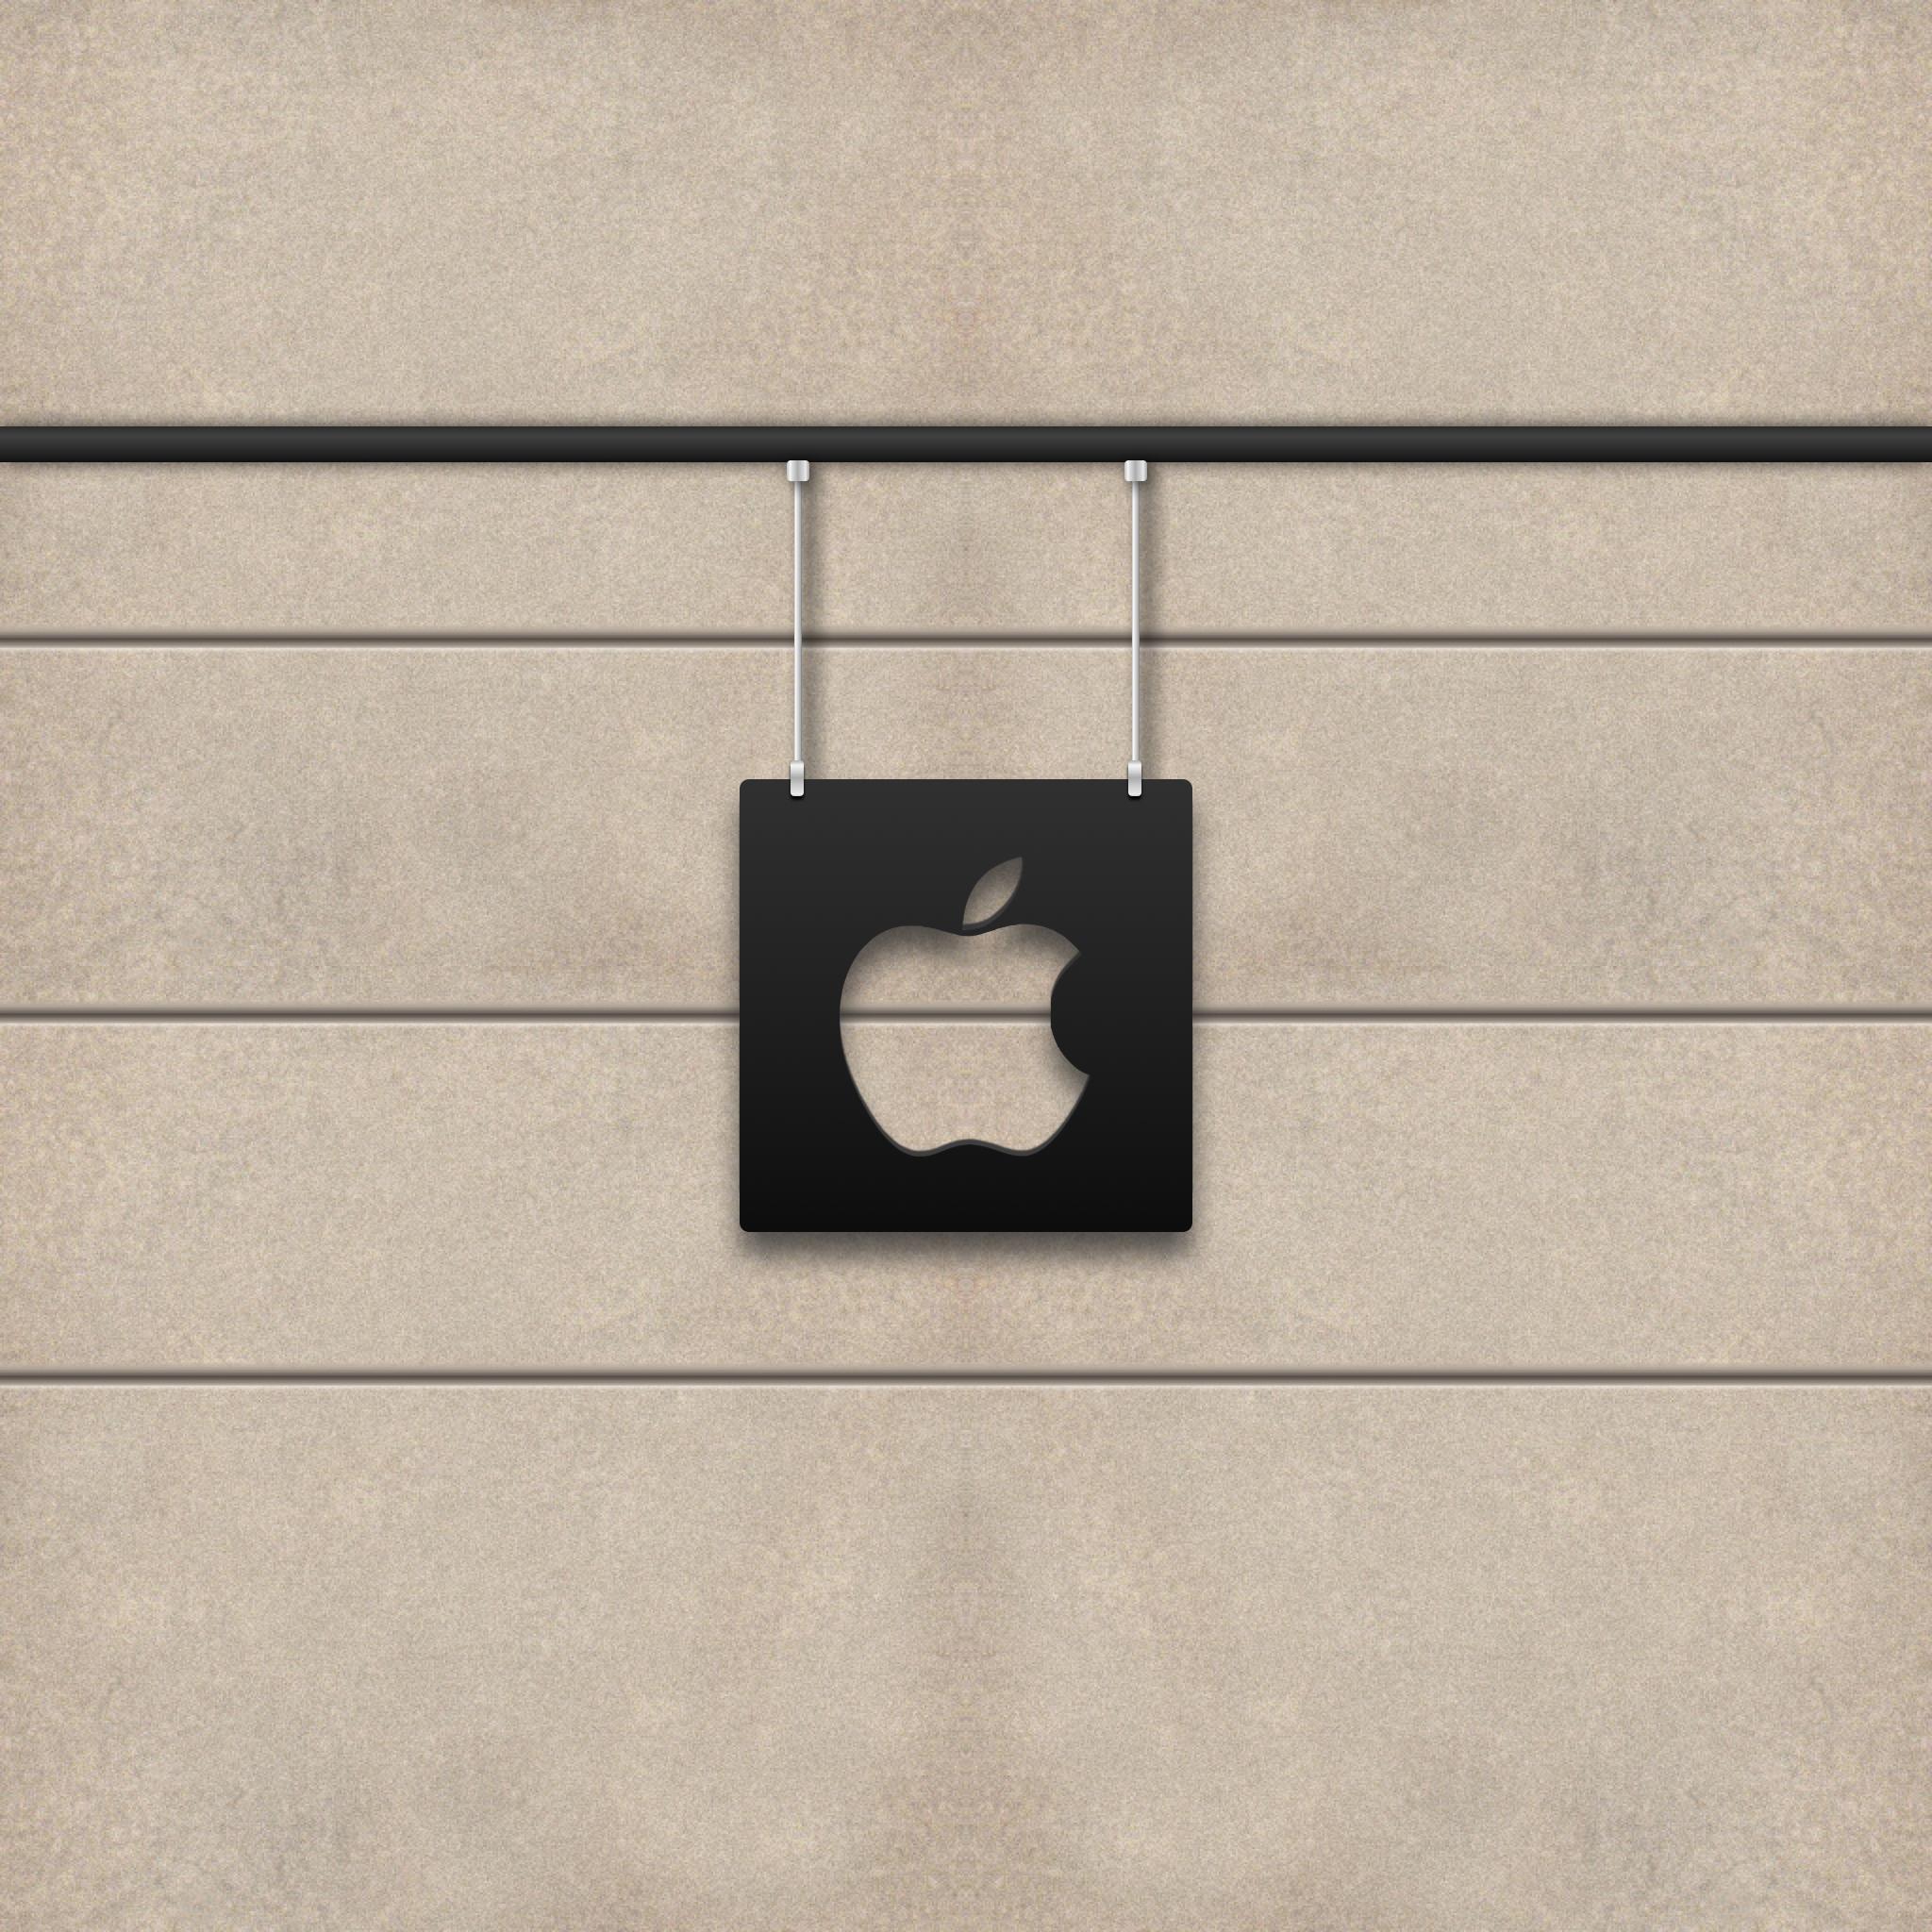 Apple Wall 3Wallpapers Ipad Retina Apple Wall   iPad Retina